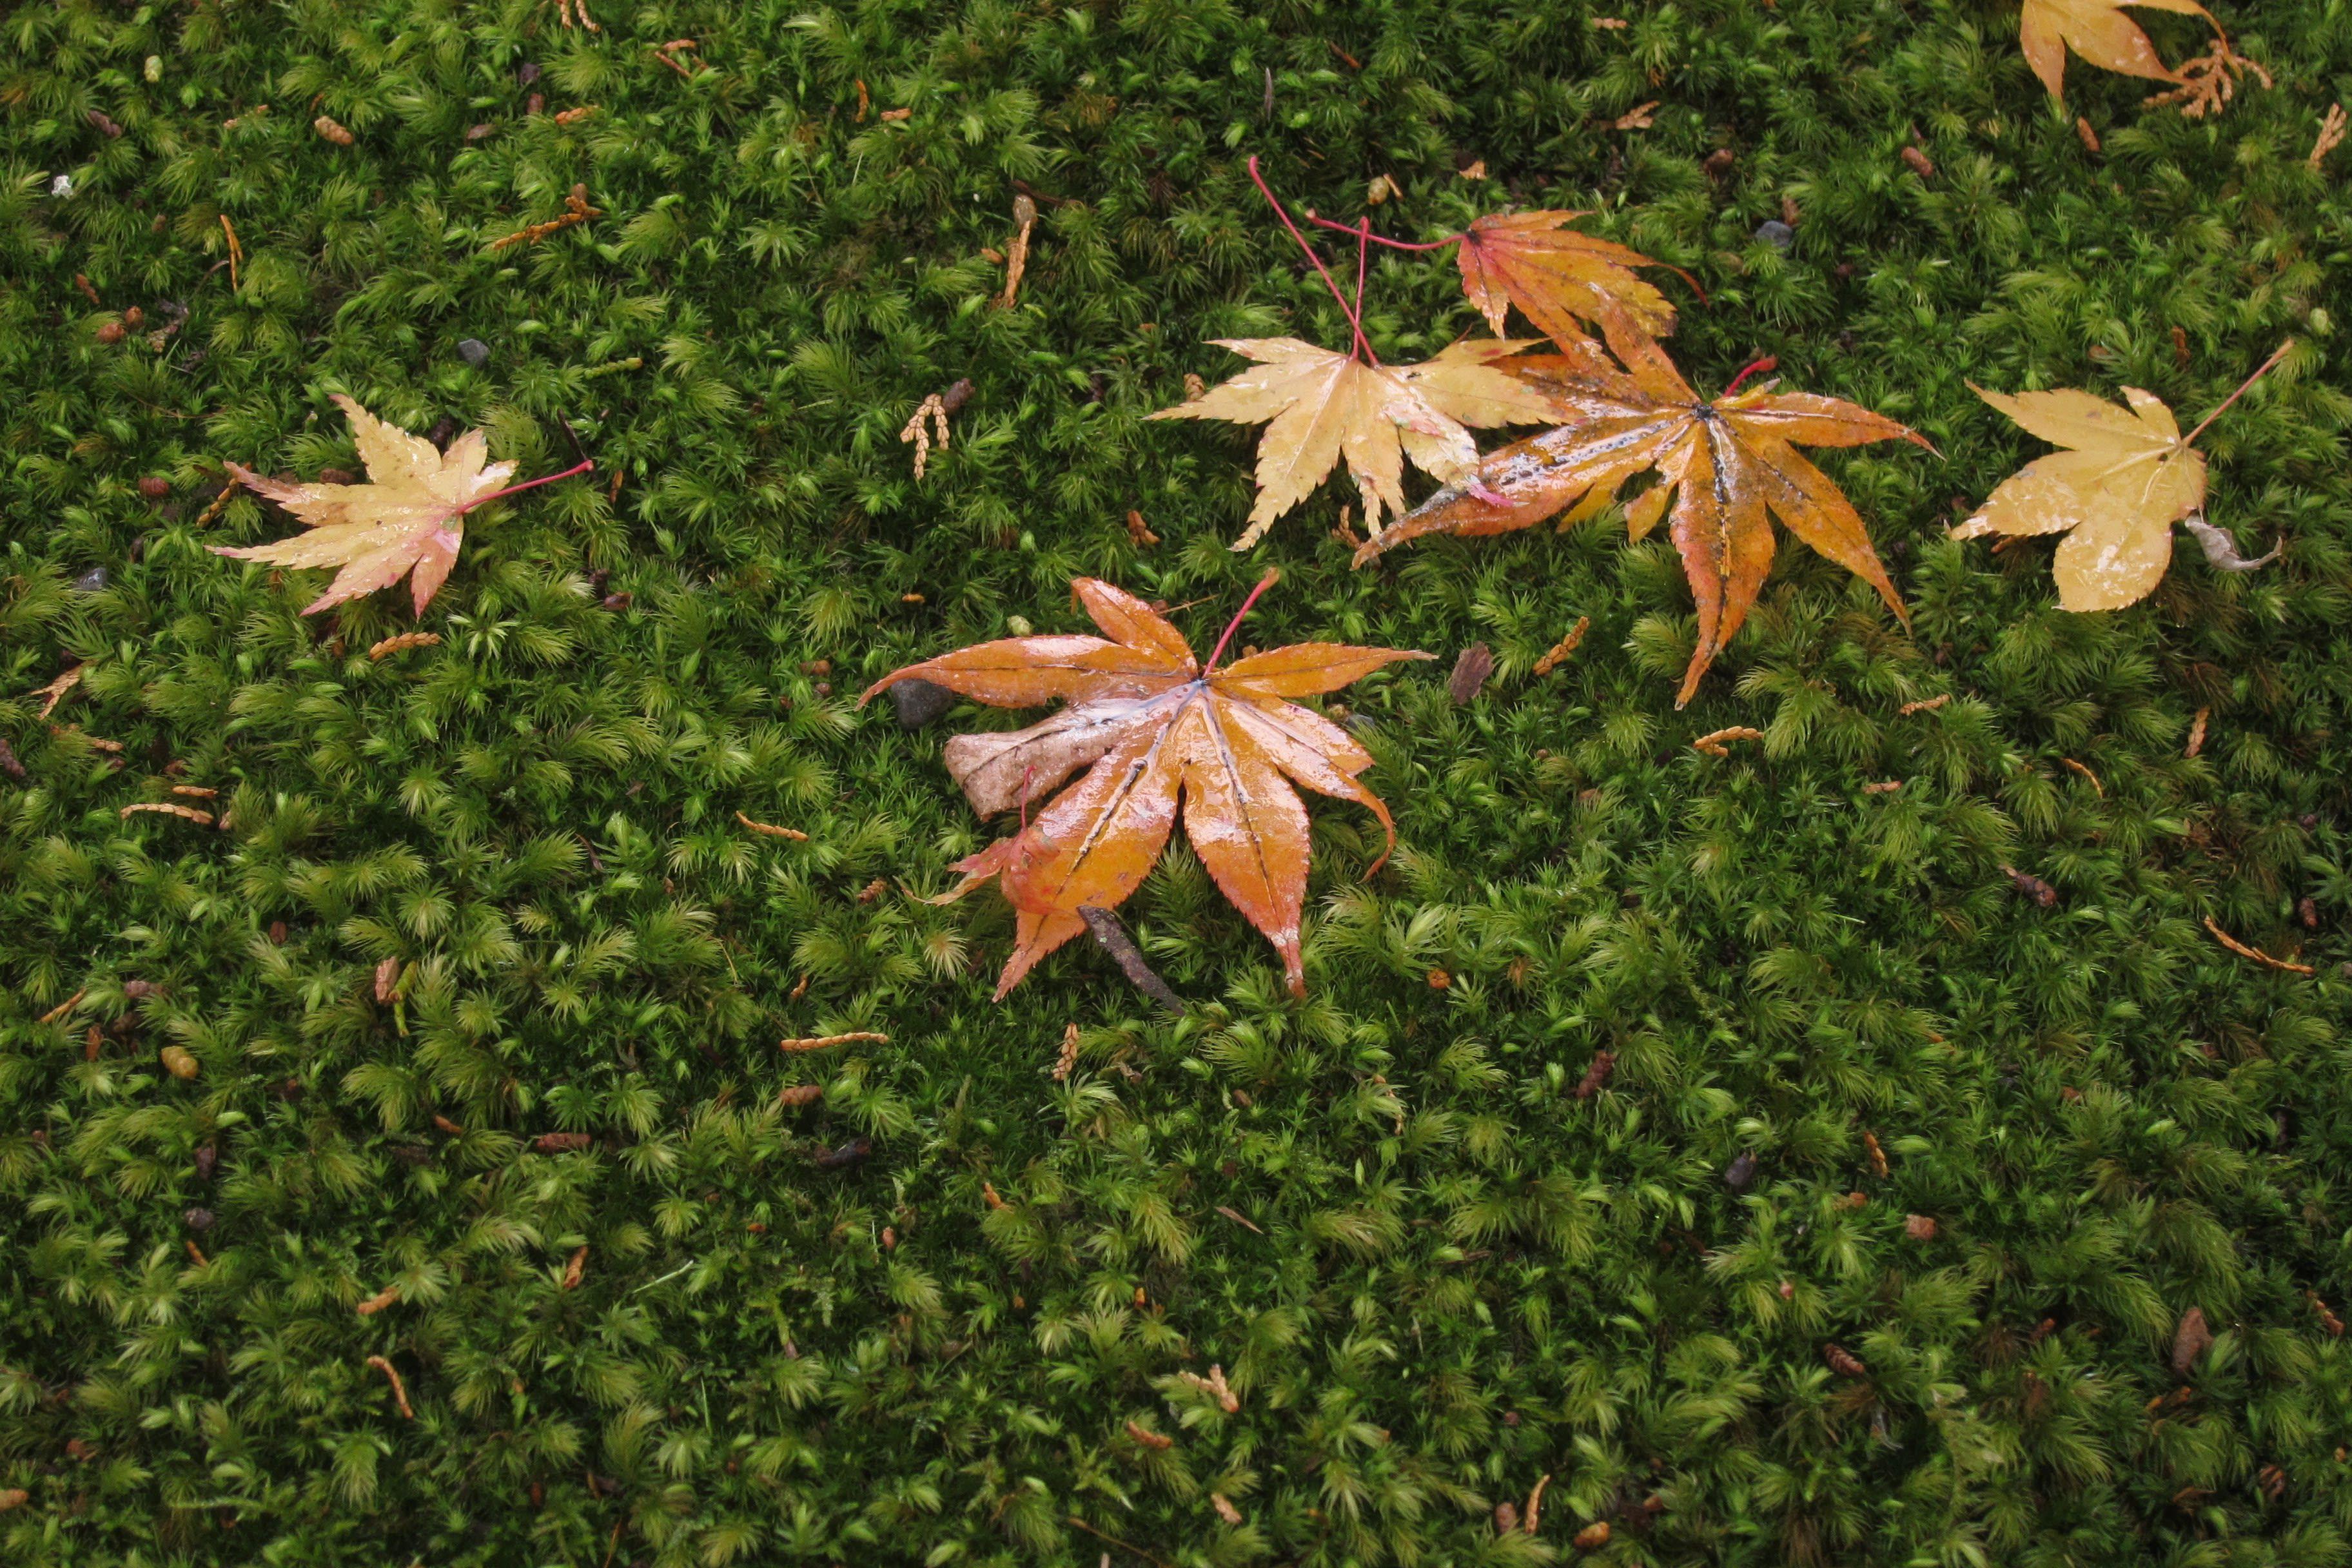 掉落的楓葉,和松苔形成的地毯構成一幅美麗的畫面